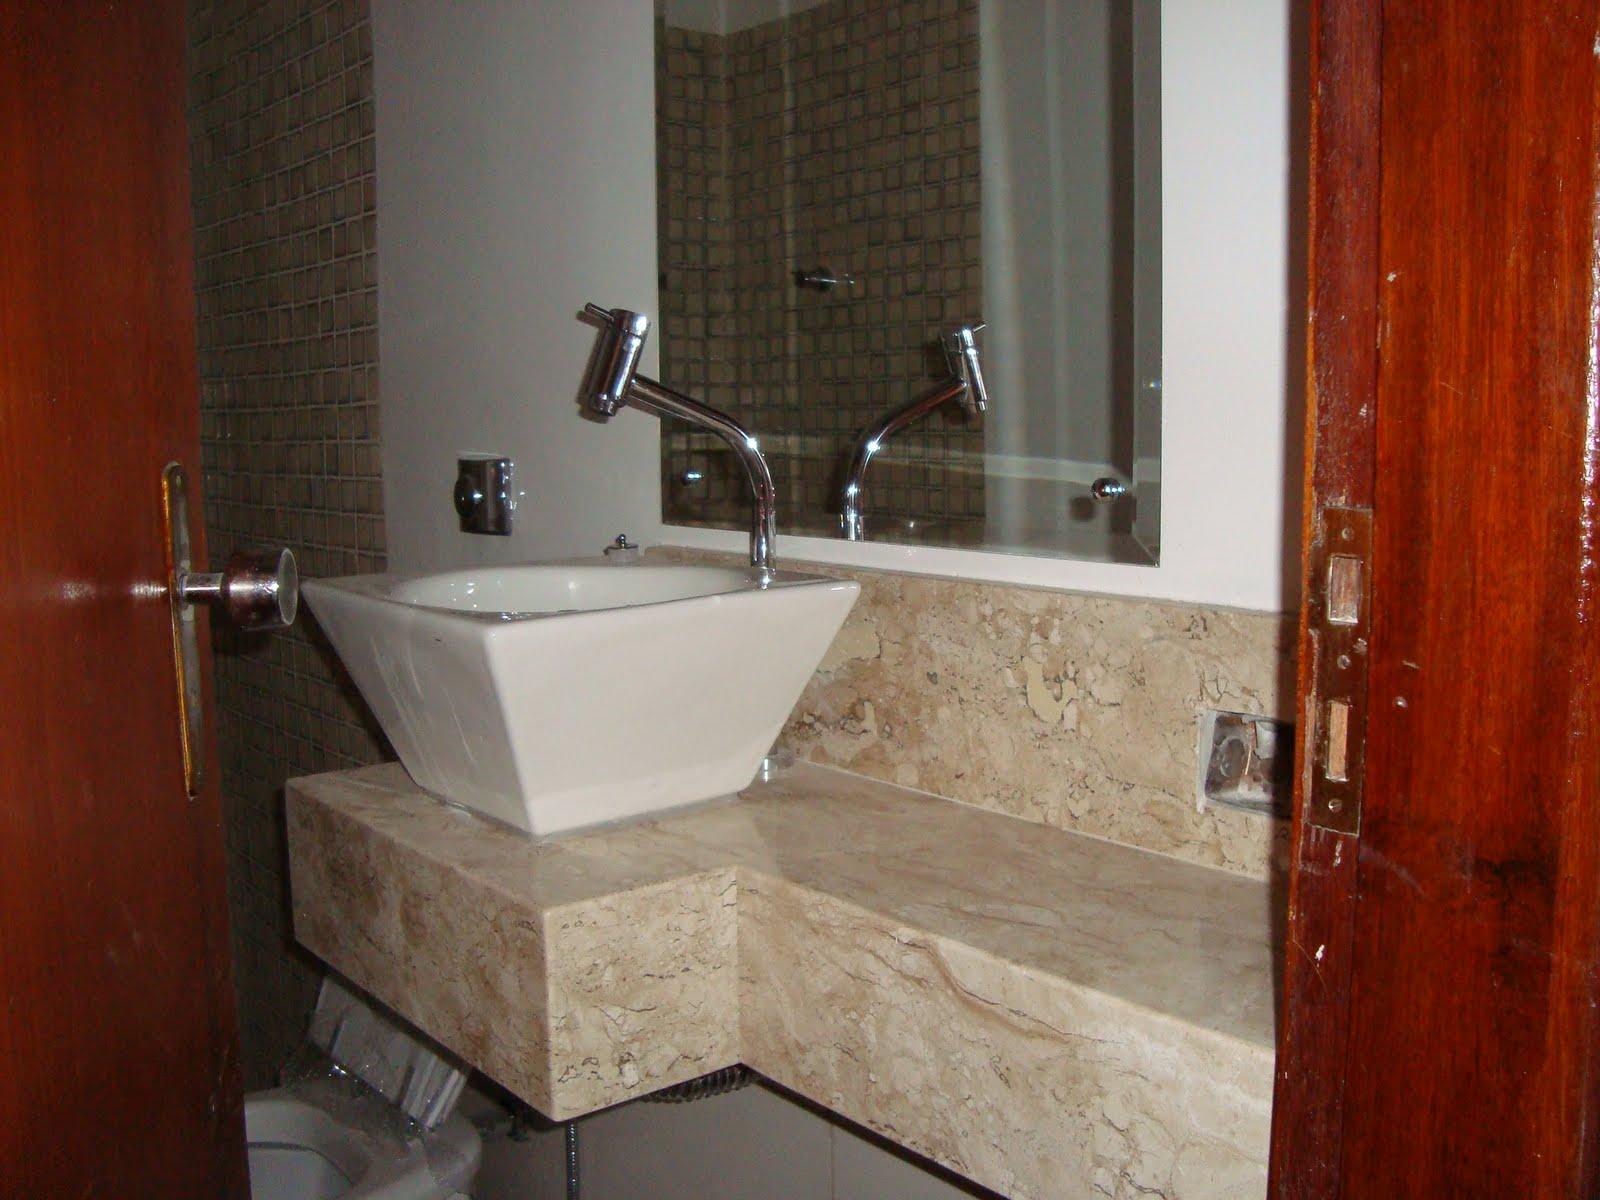 Bancada em mármore travertino acabamento de saia 45° de 0 20cm #70240E 1600x1200 Banheiro Com Bancada De Marmore Travertino